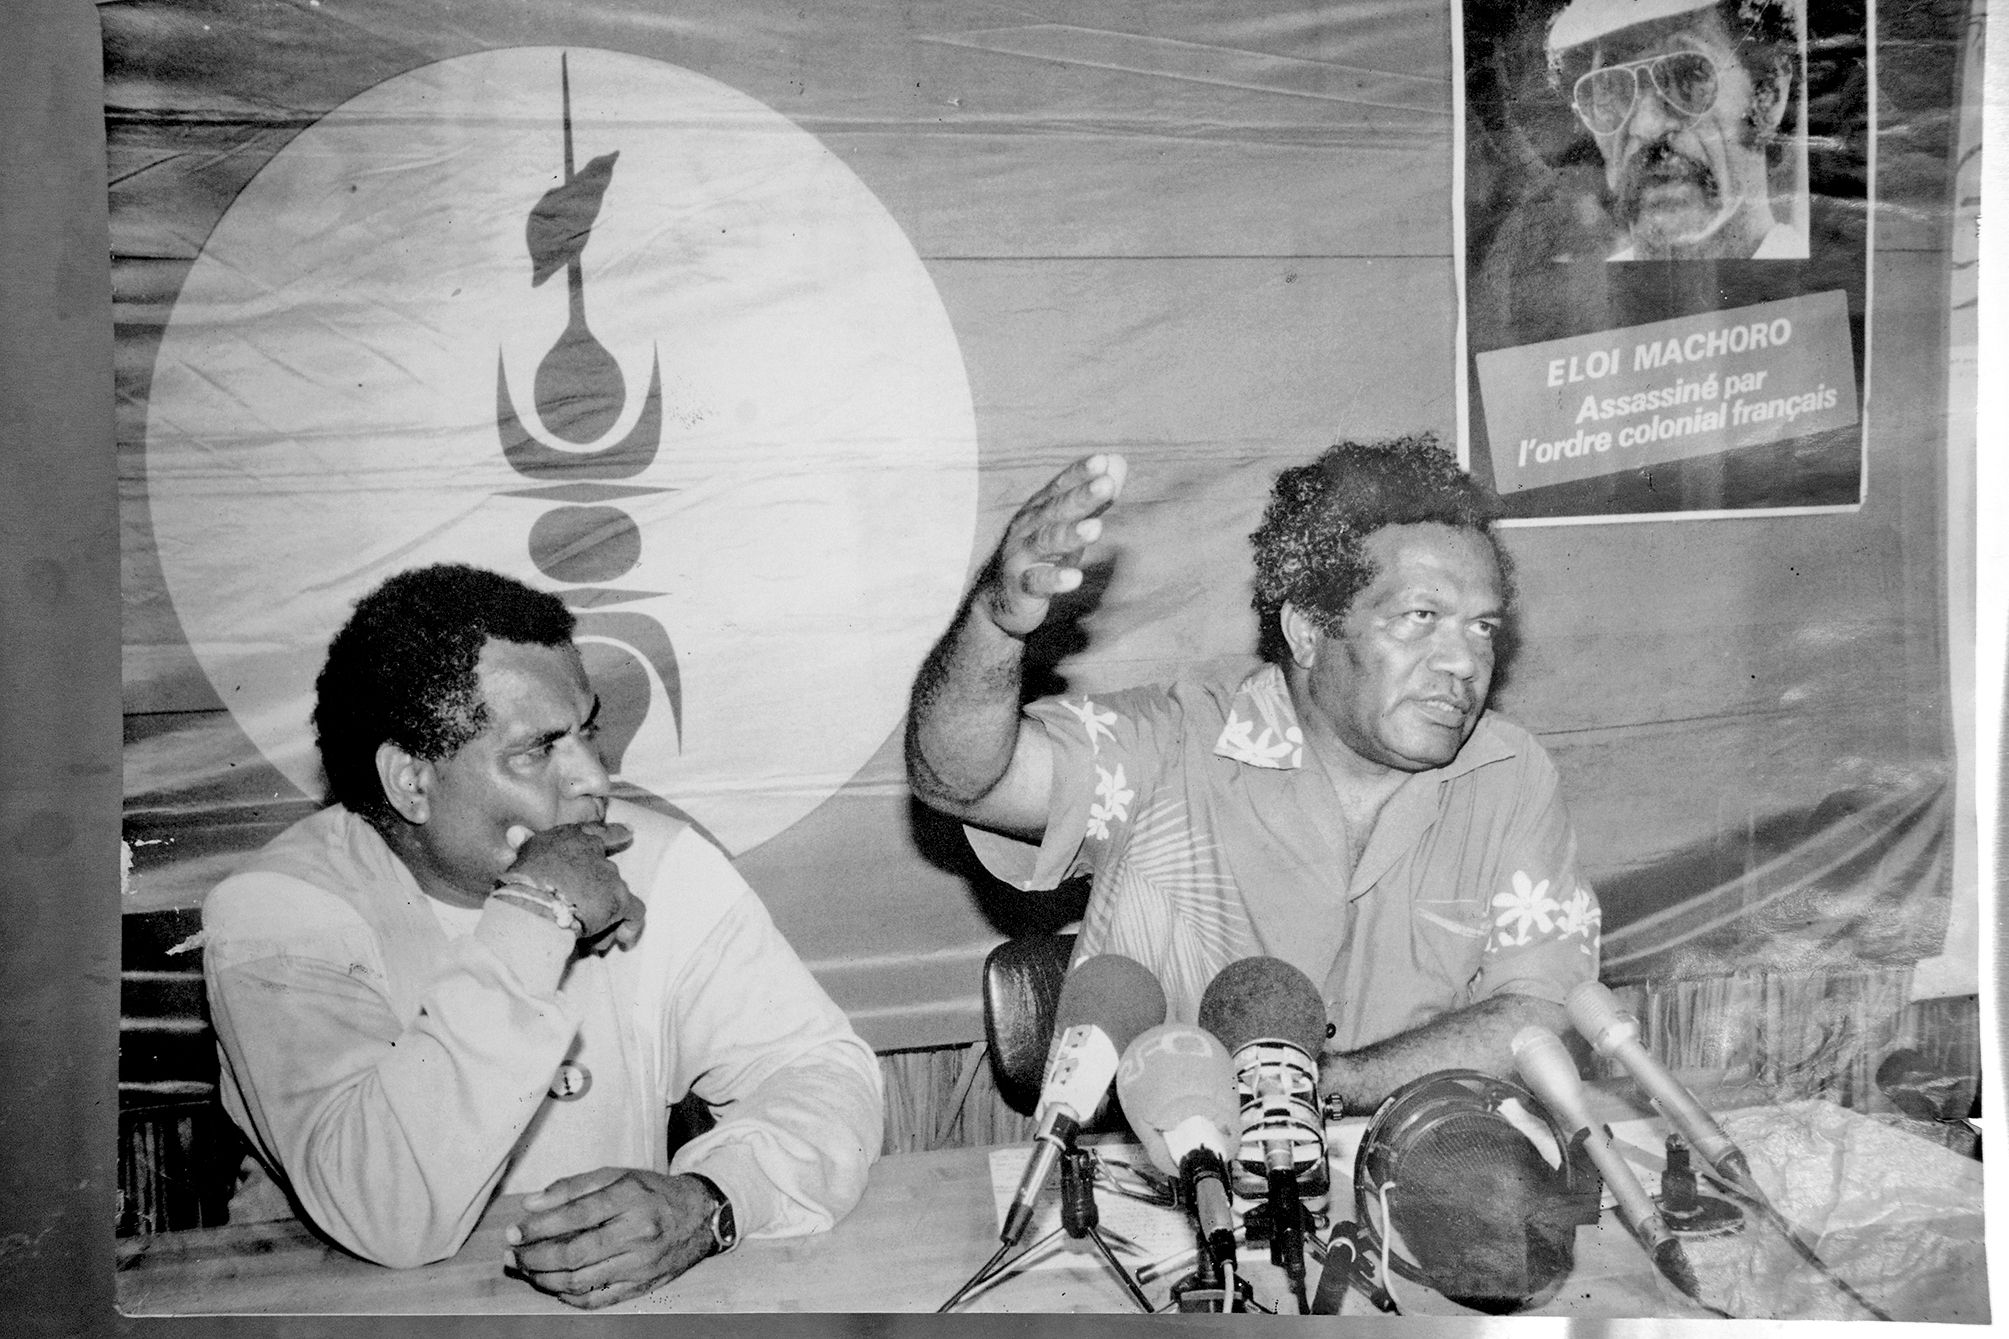 VIDÉOS. Histoire en Nouvelle-Calédonie : Il y a 30 ans, Jean-Marie Tjibaou et Yeiwene Yeiwene étaient assassinés